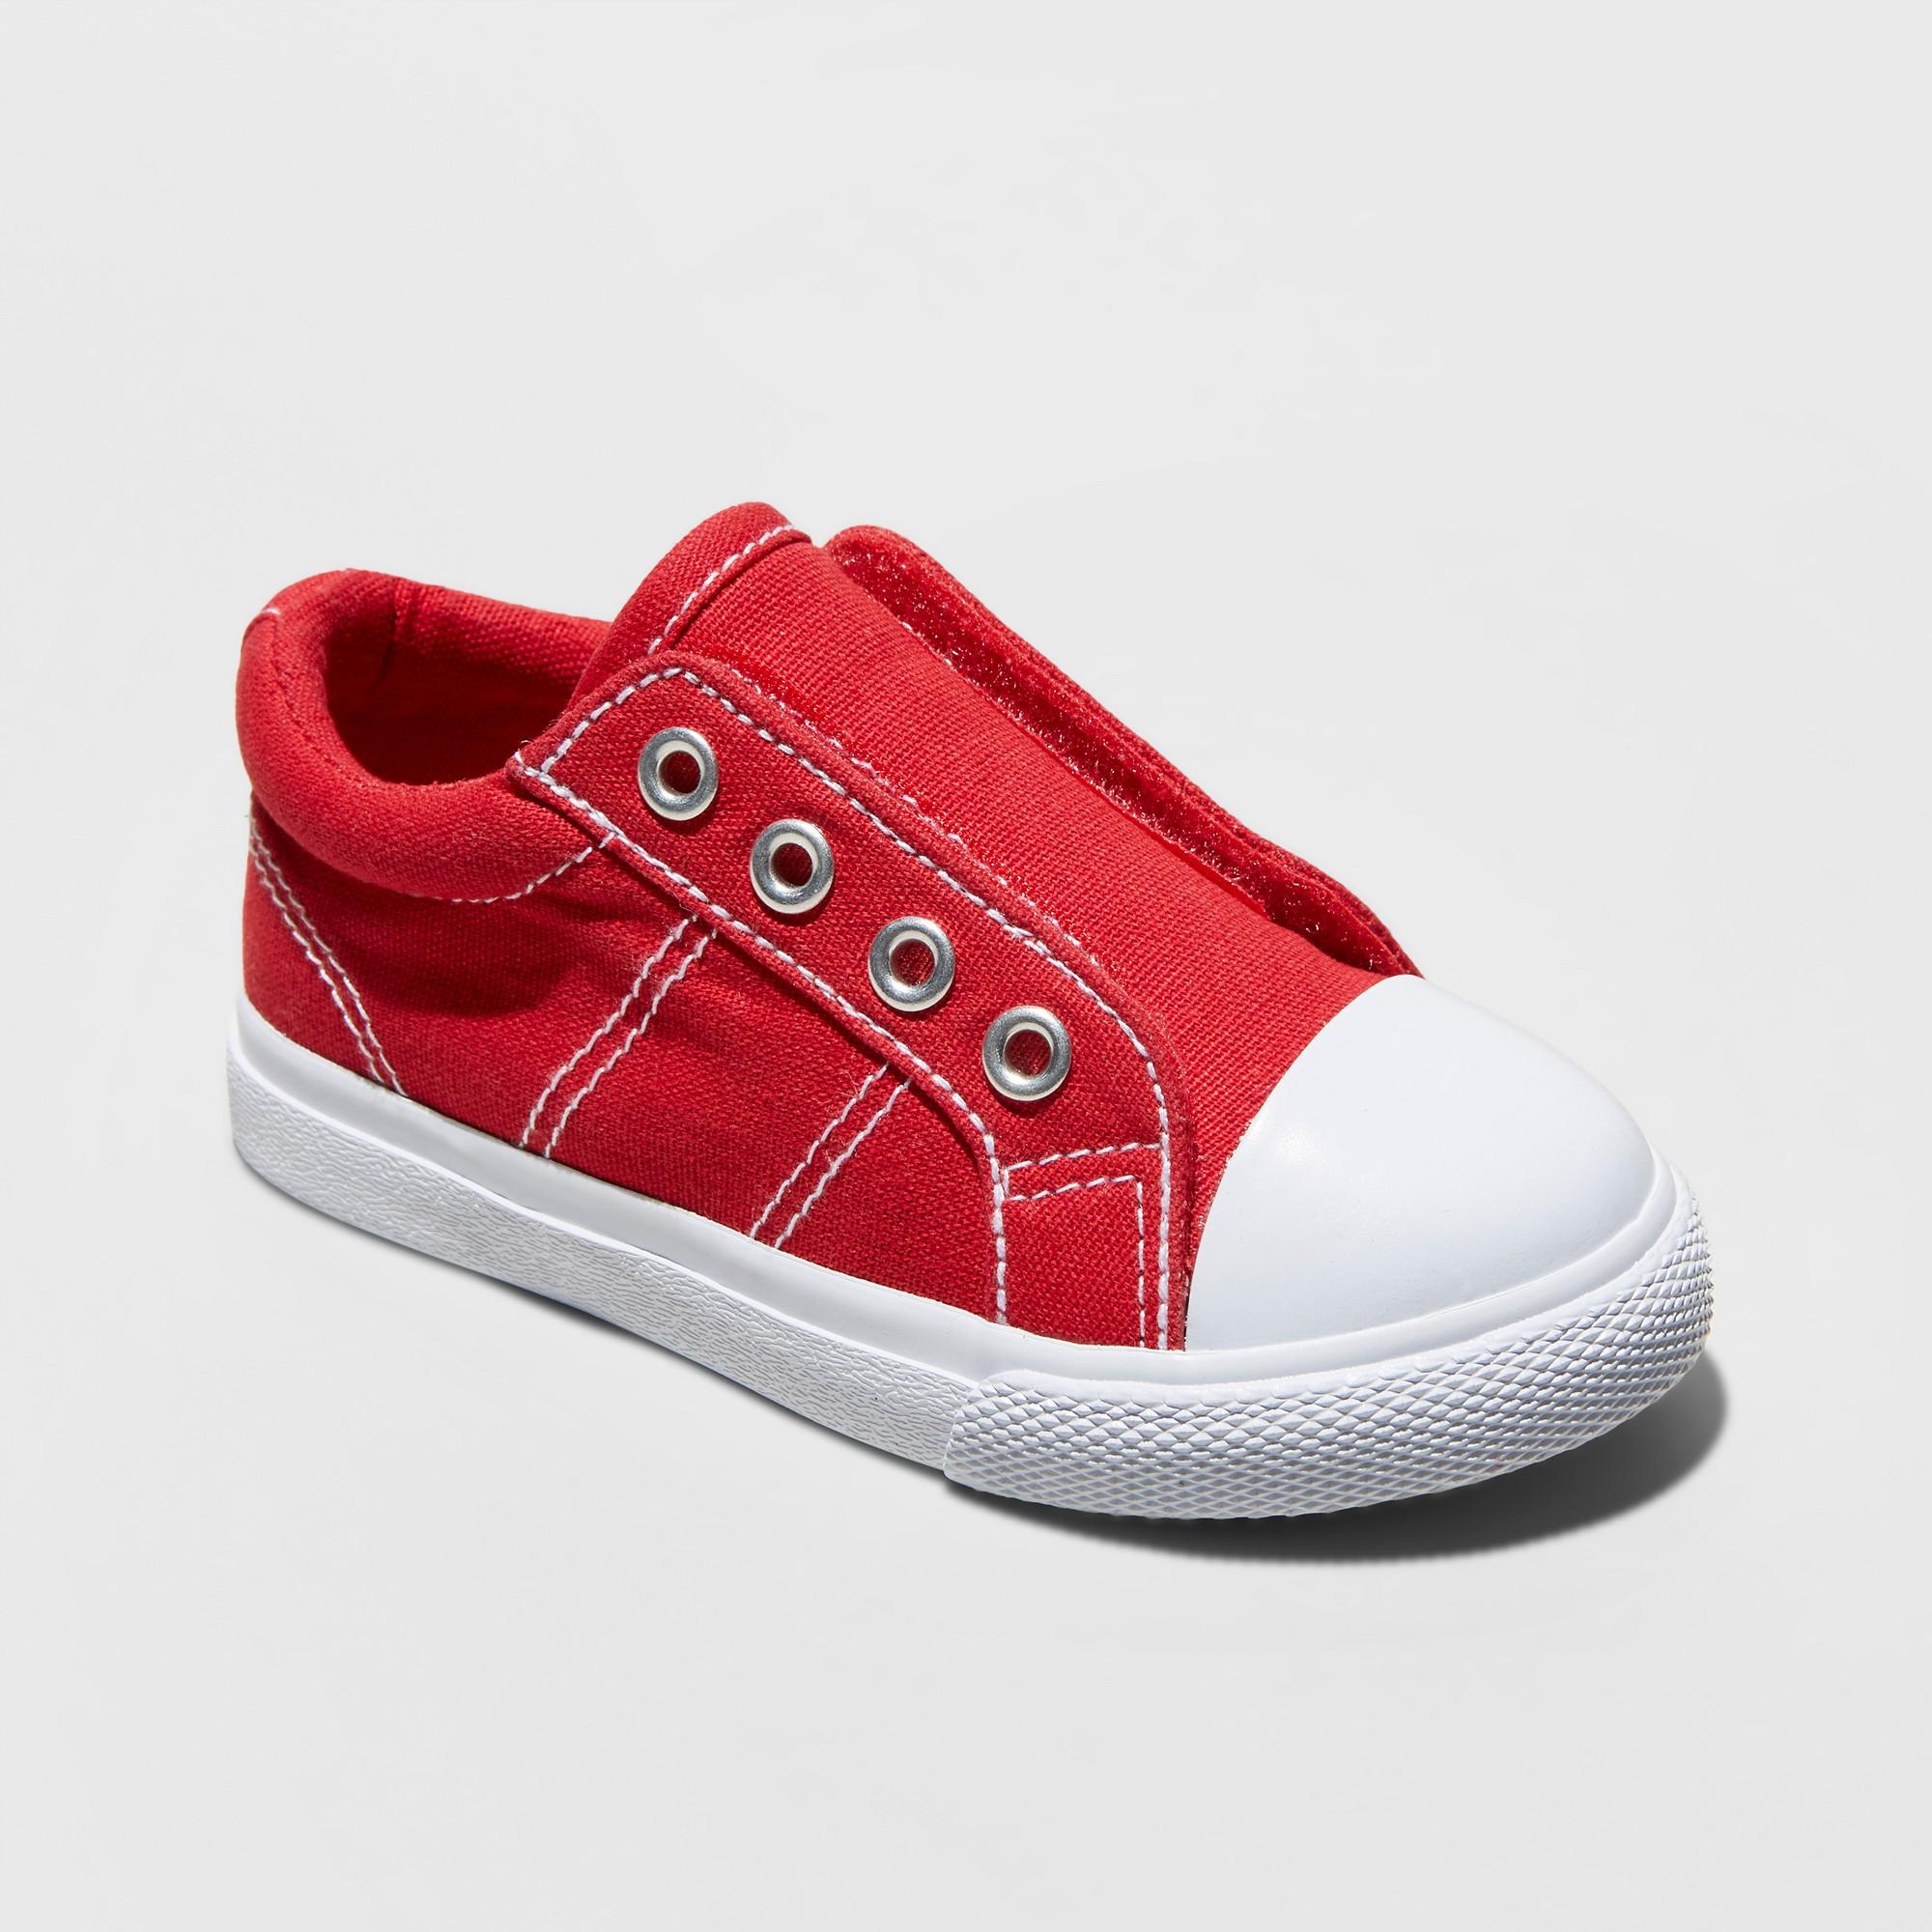 Toddler Boys Dwayne Cap Top Sneakers Cat & Jack Red 7